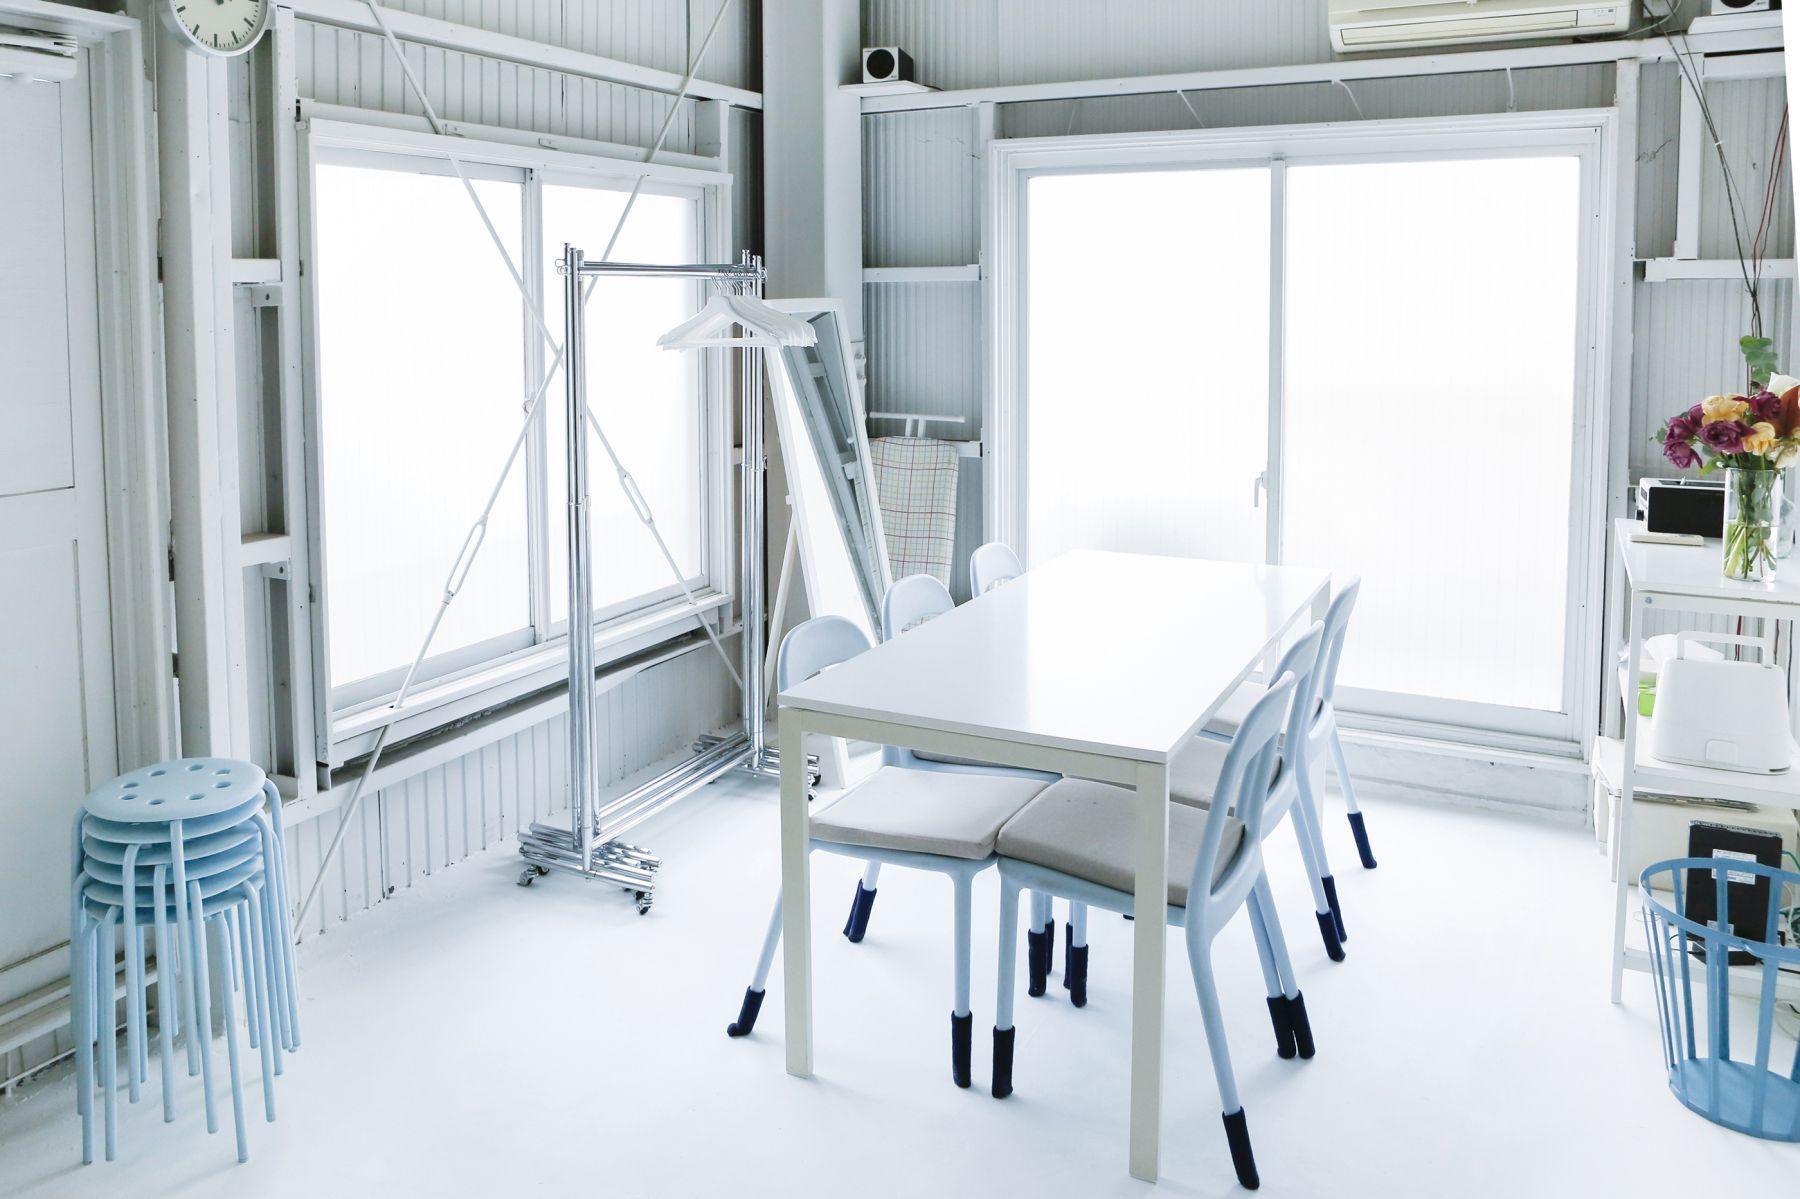 studio ConTRail (スタジオ コントレイル)常設ミーティングスペース